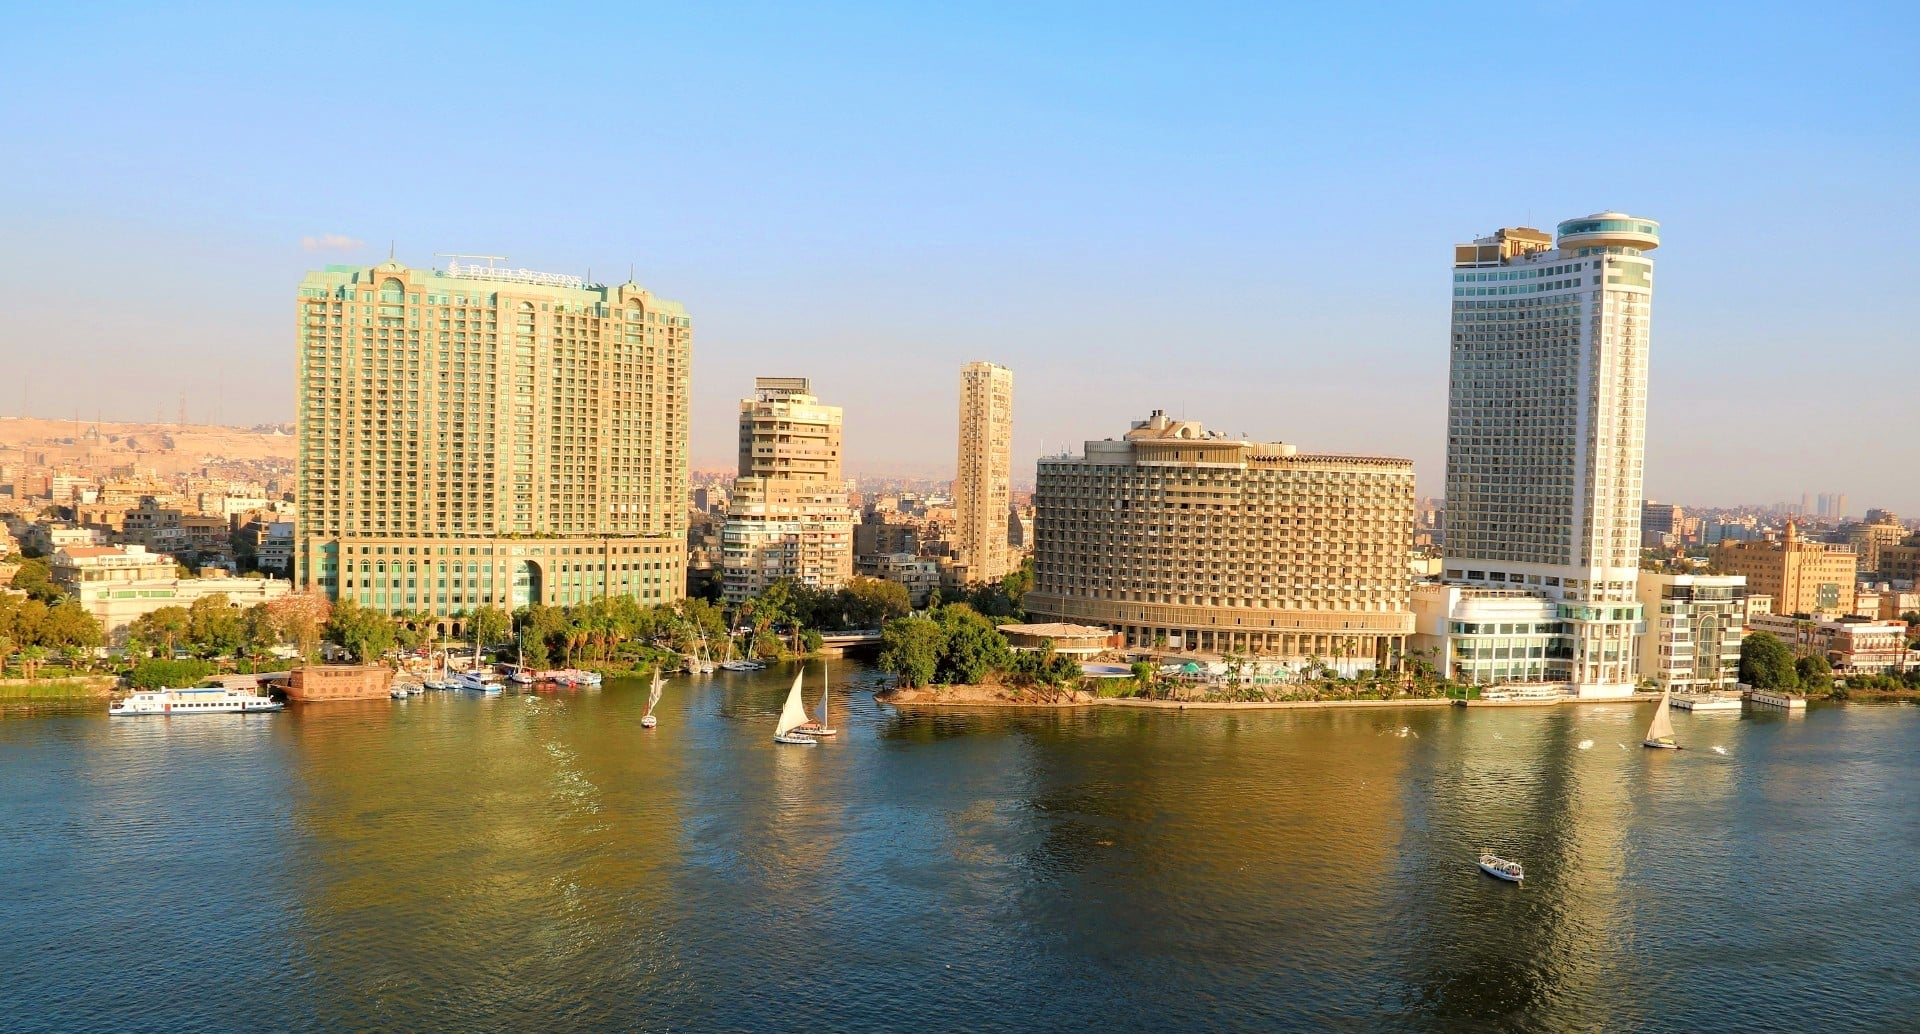 Voyage de luxe Egypte - Photo principale